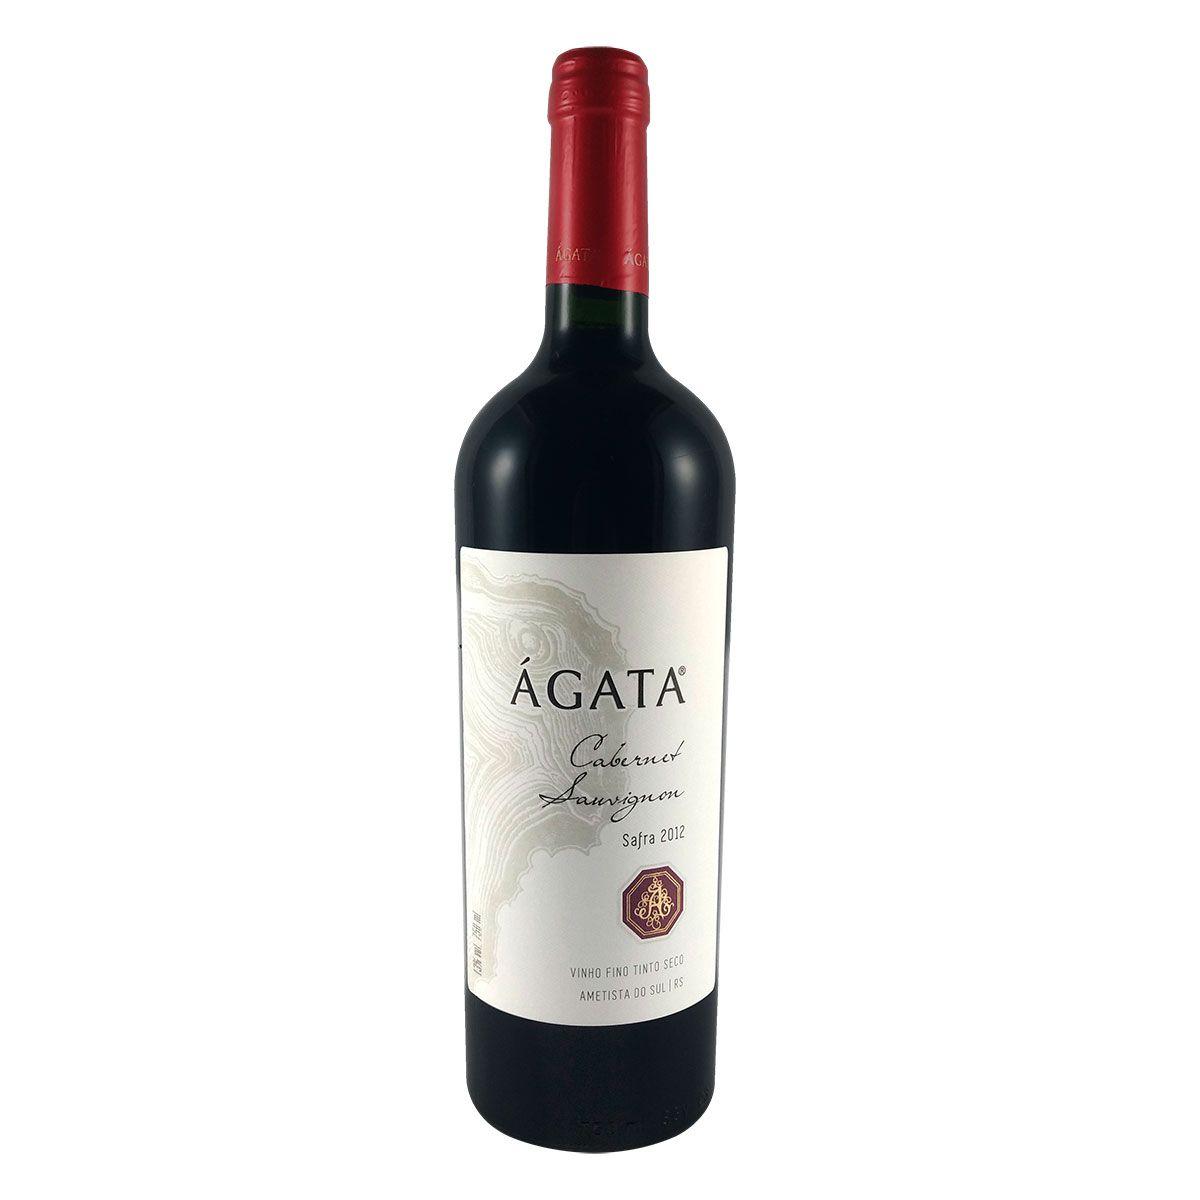 Vinho Fino Tinto Seco Ágata Cabernet Sauvignon 2012 750ml